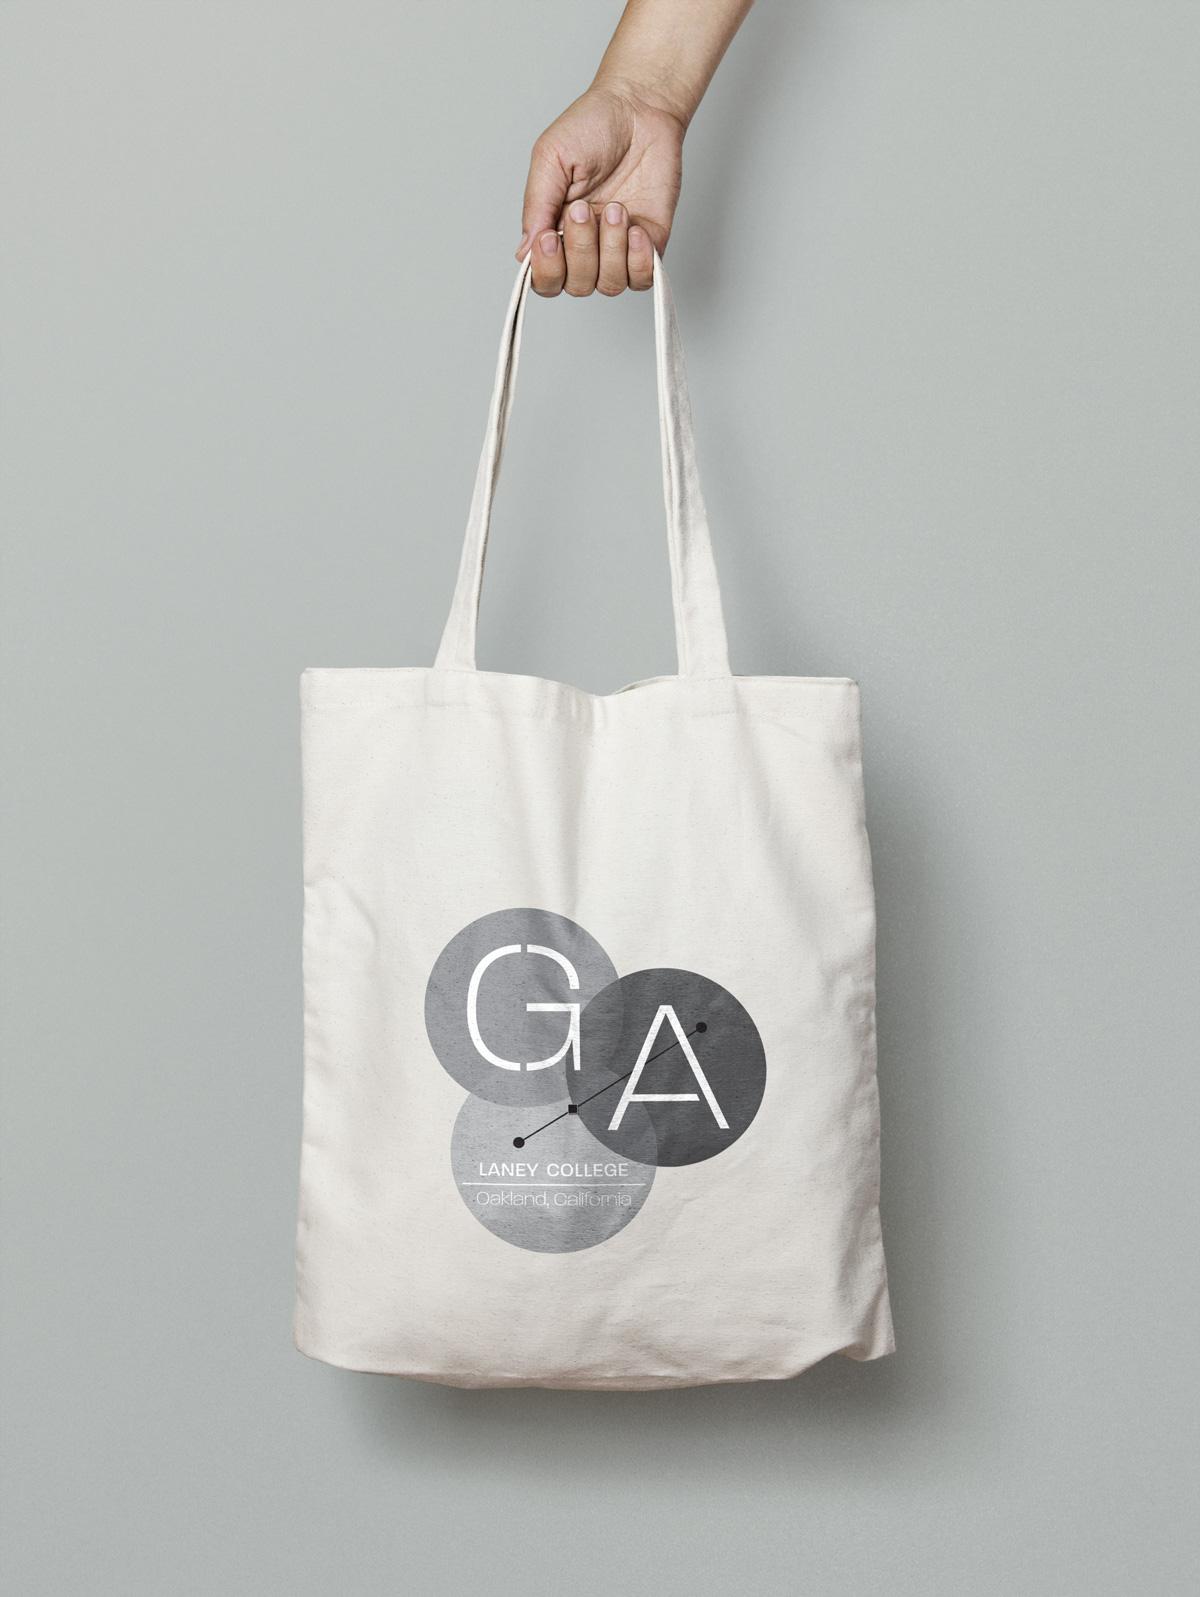 brand identity canvas tote bag design